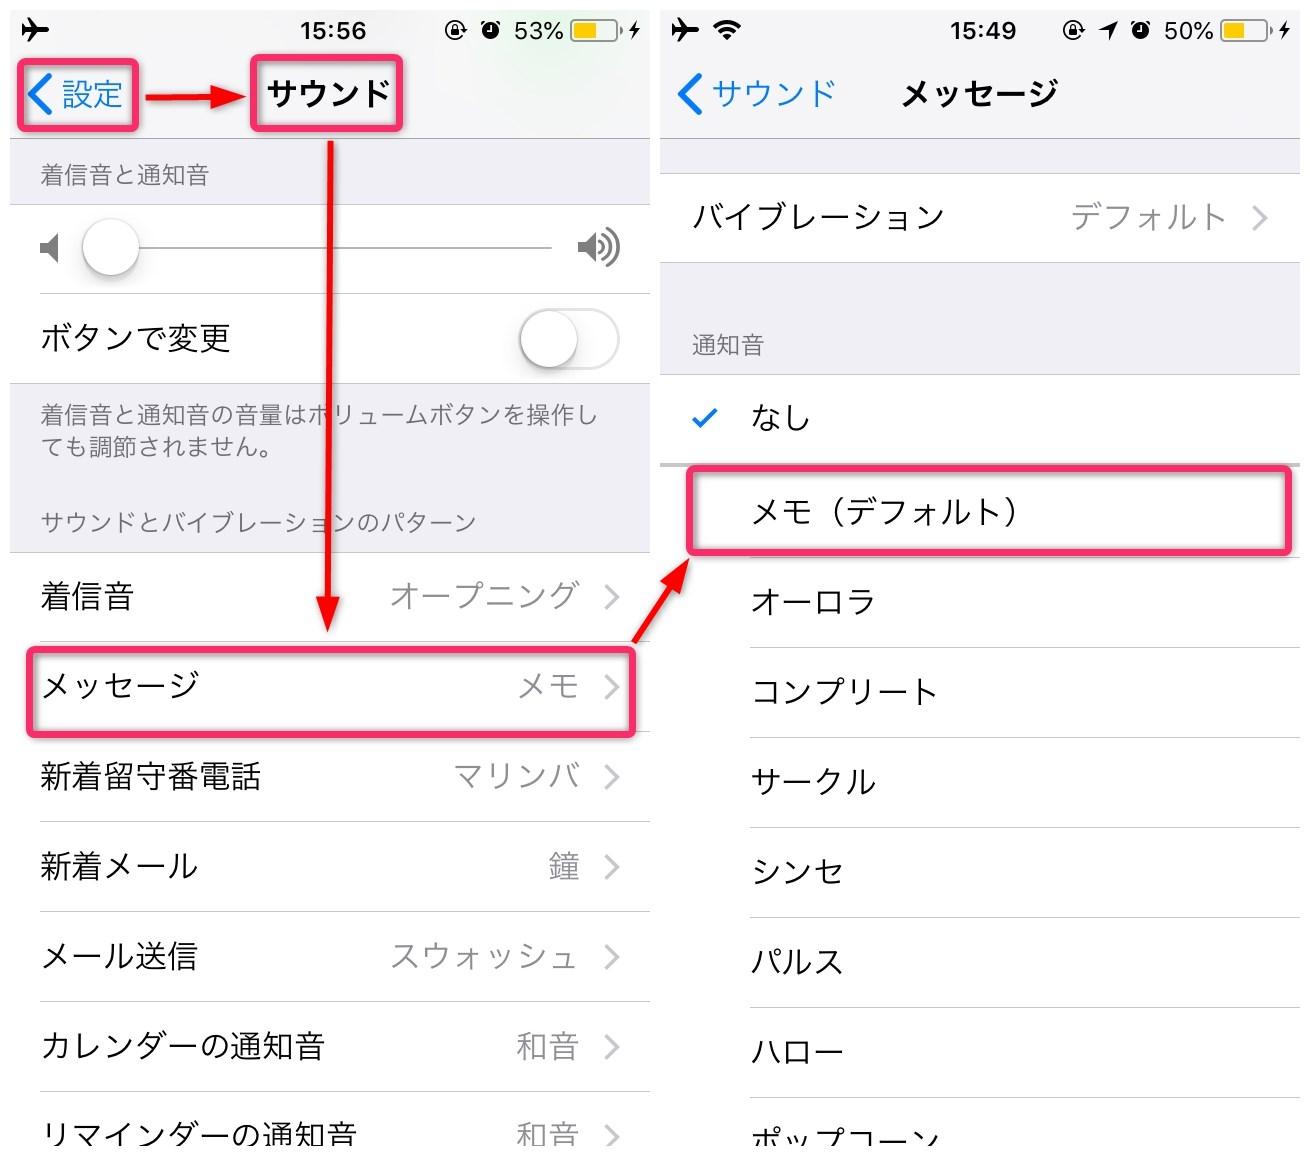 iPhoneのメッセージ通知音を変える